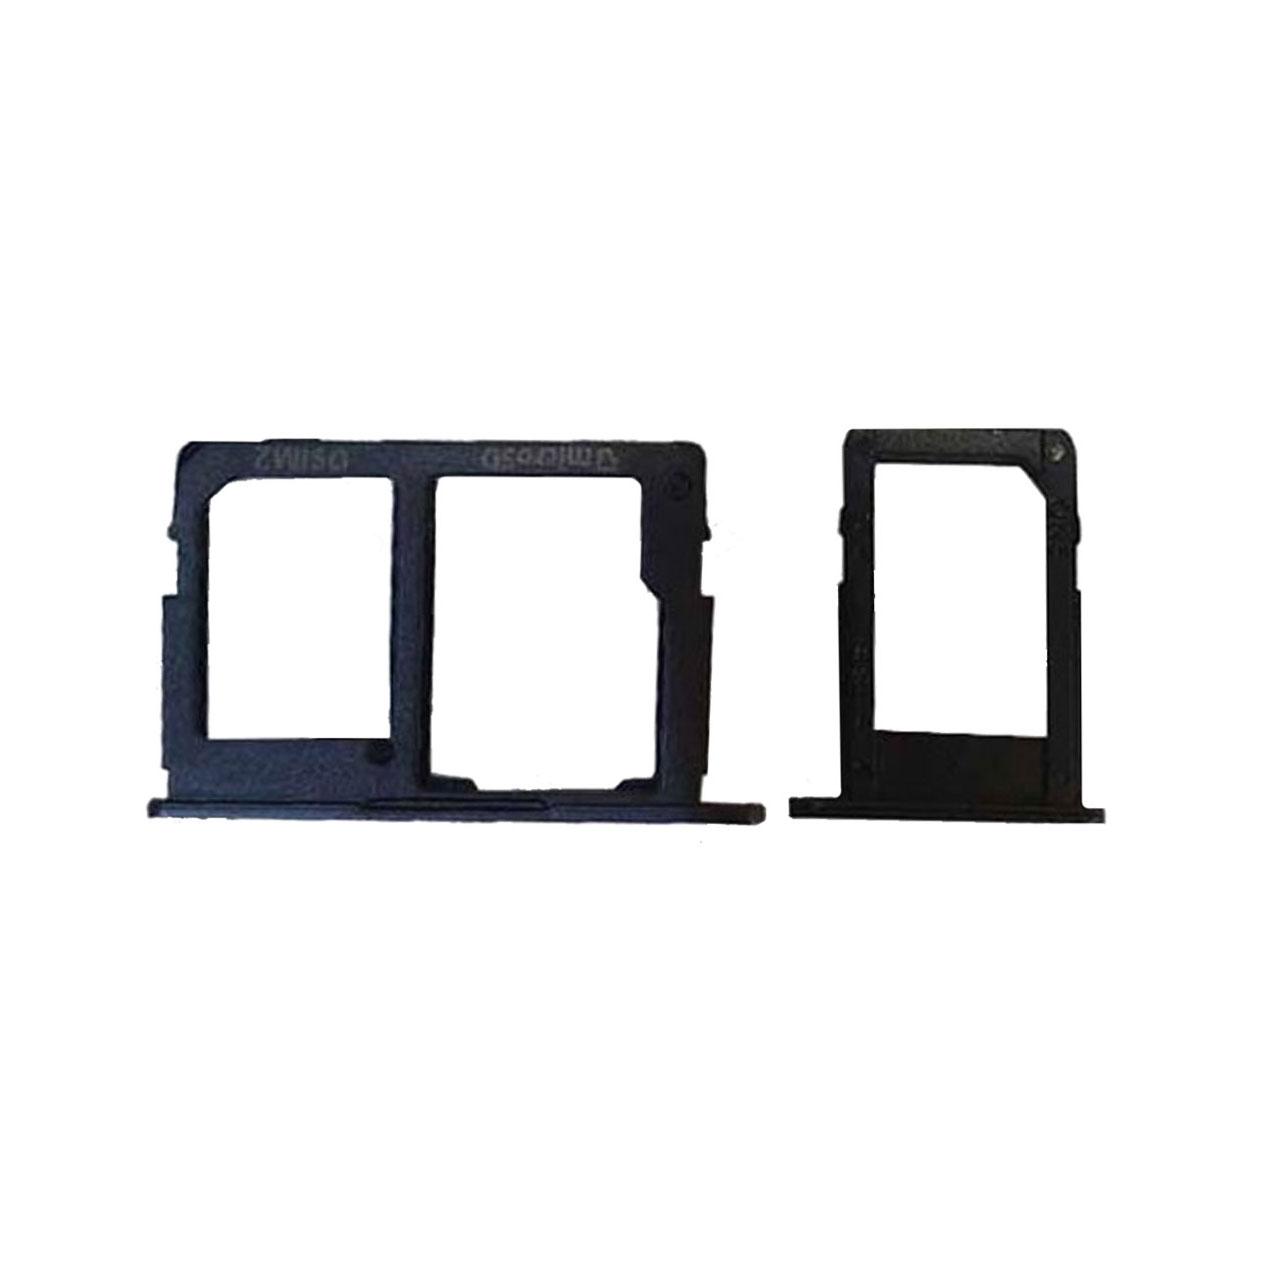 خشاب سیمکارت هورس مدل SCH مناسب برای گوشی موبایل سامسونگ Galaxy J7 2017 به همراه خشاب کارت حافظه